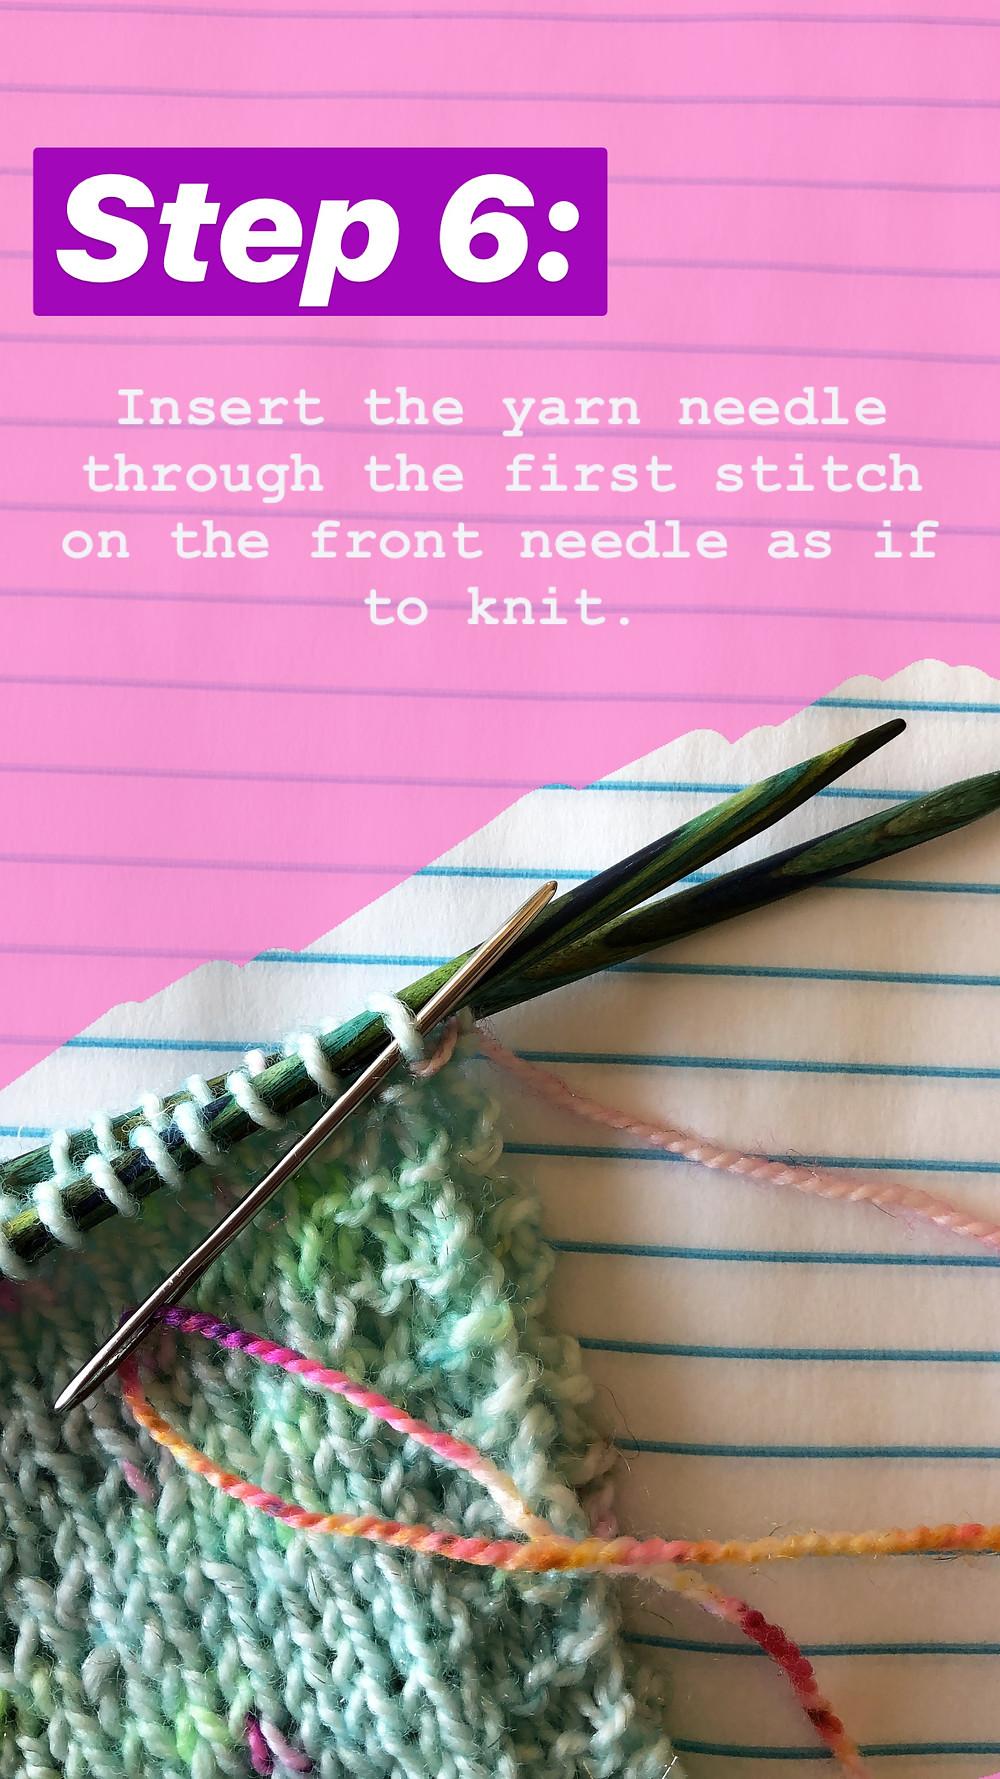 Easy Grafting / Kitchener Stitch Tutorial Step 6